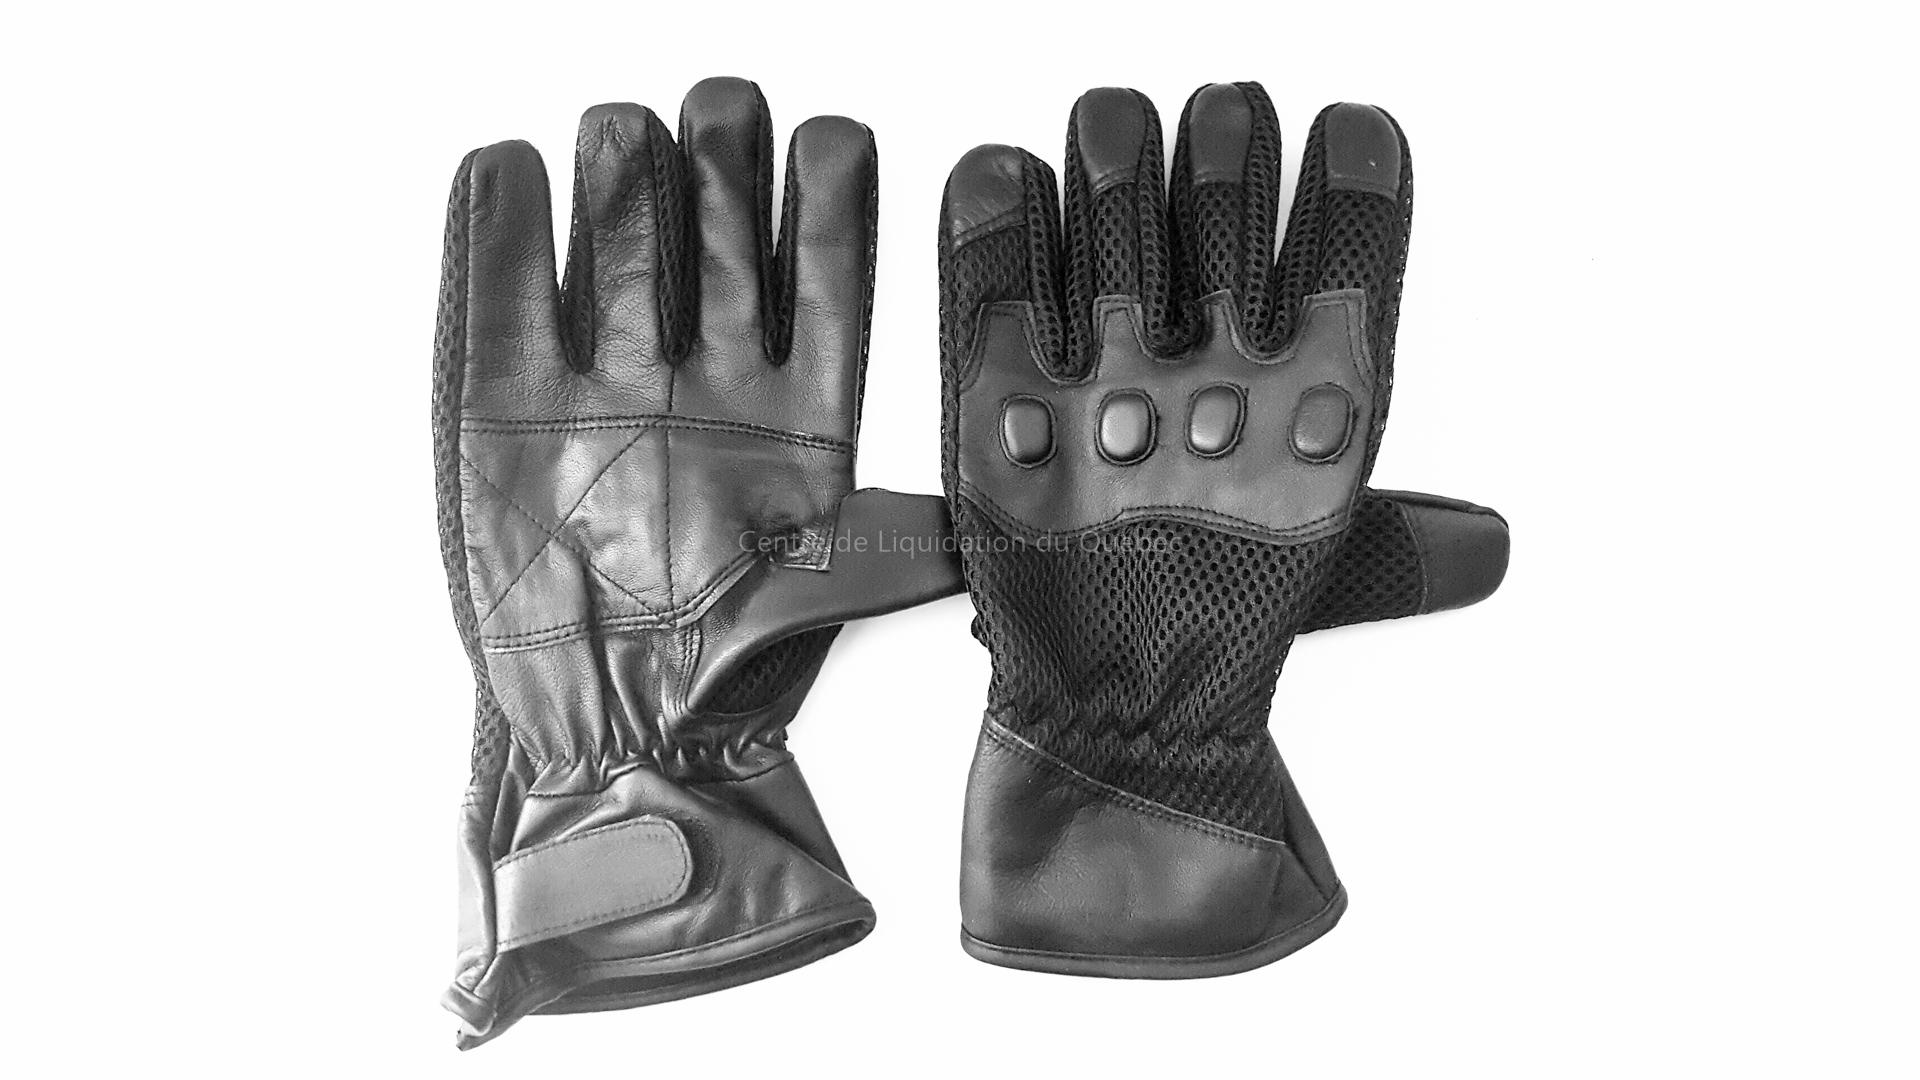 Gants de moto en cuir authentique - G-12